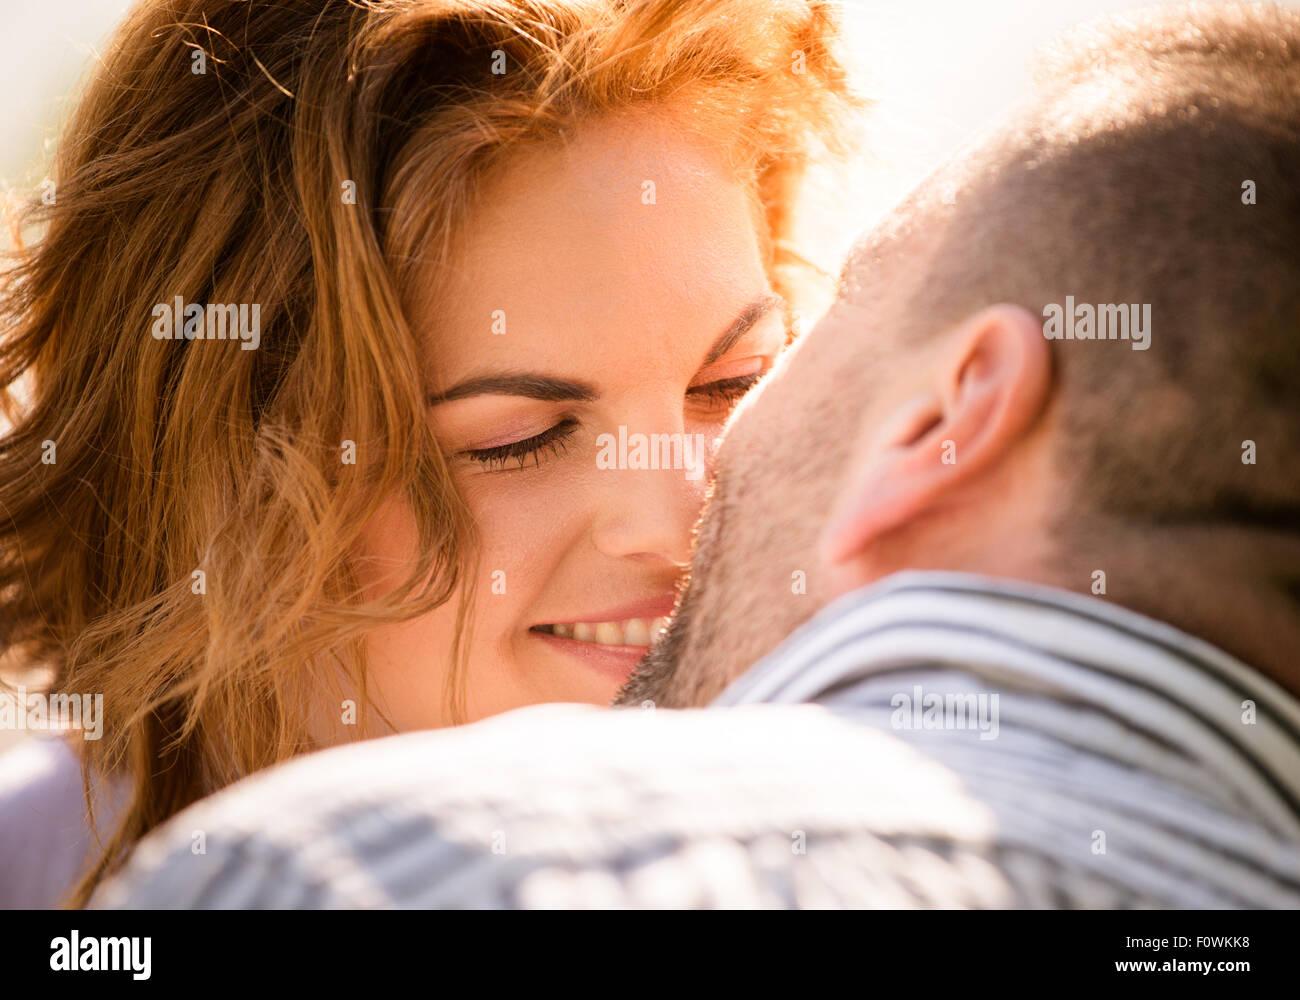 Candide Vicino la foto di un uomo baciare giovane donna sorridente Immagini Stock